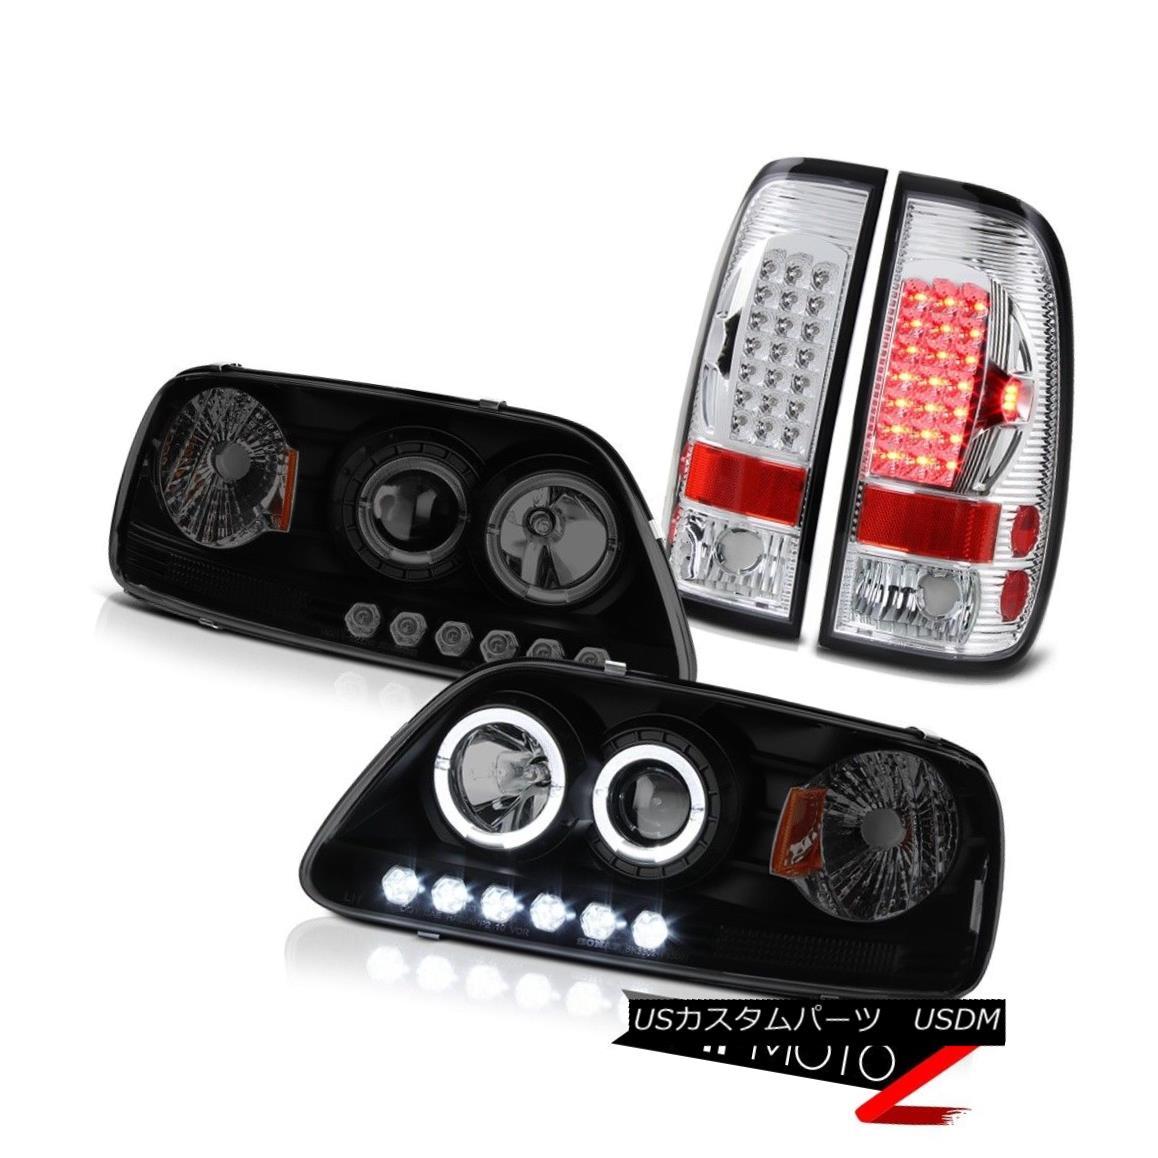 ヘッドライト F150 Lariat 1997 1998 Twin Halo Rim Headlight Smoke Chrome Rear Tail Lamp Lights F150ラリアット1997年1998年ツインハローリムヘッドライトスモーククロームリアテールランプライト